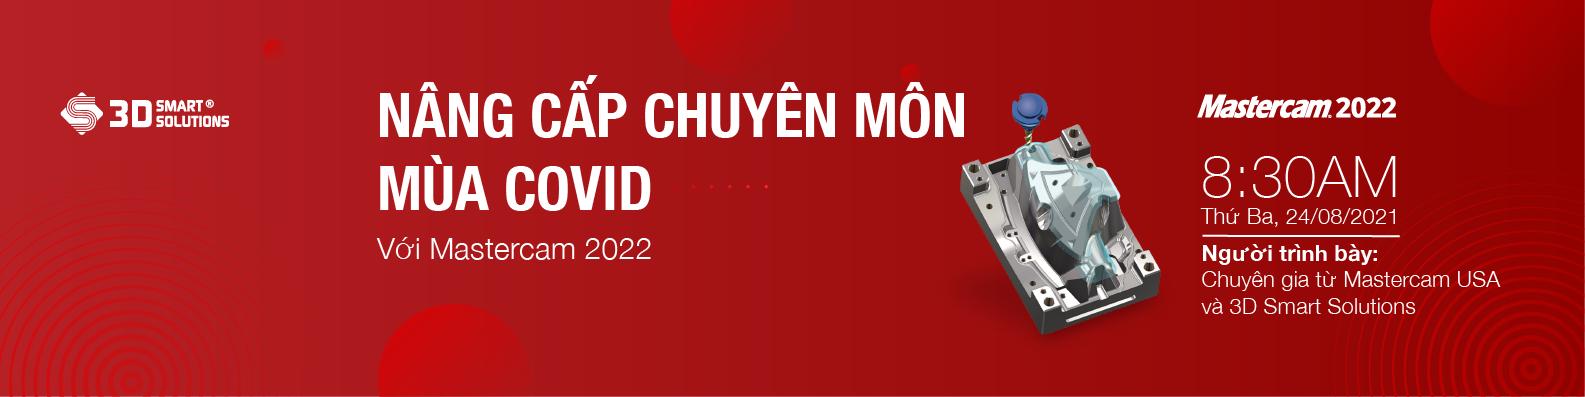 Nâng cấp chuyên môn mùa Covid với Mastercam 2022